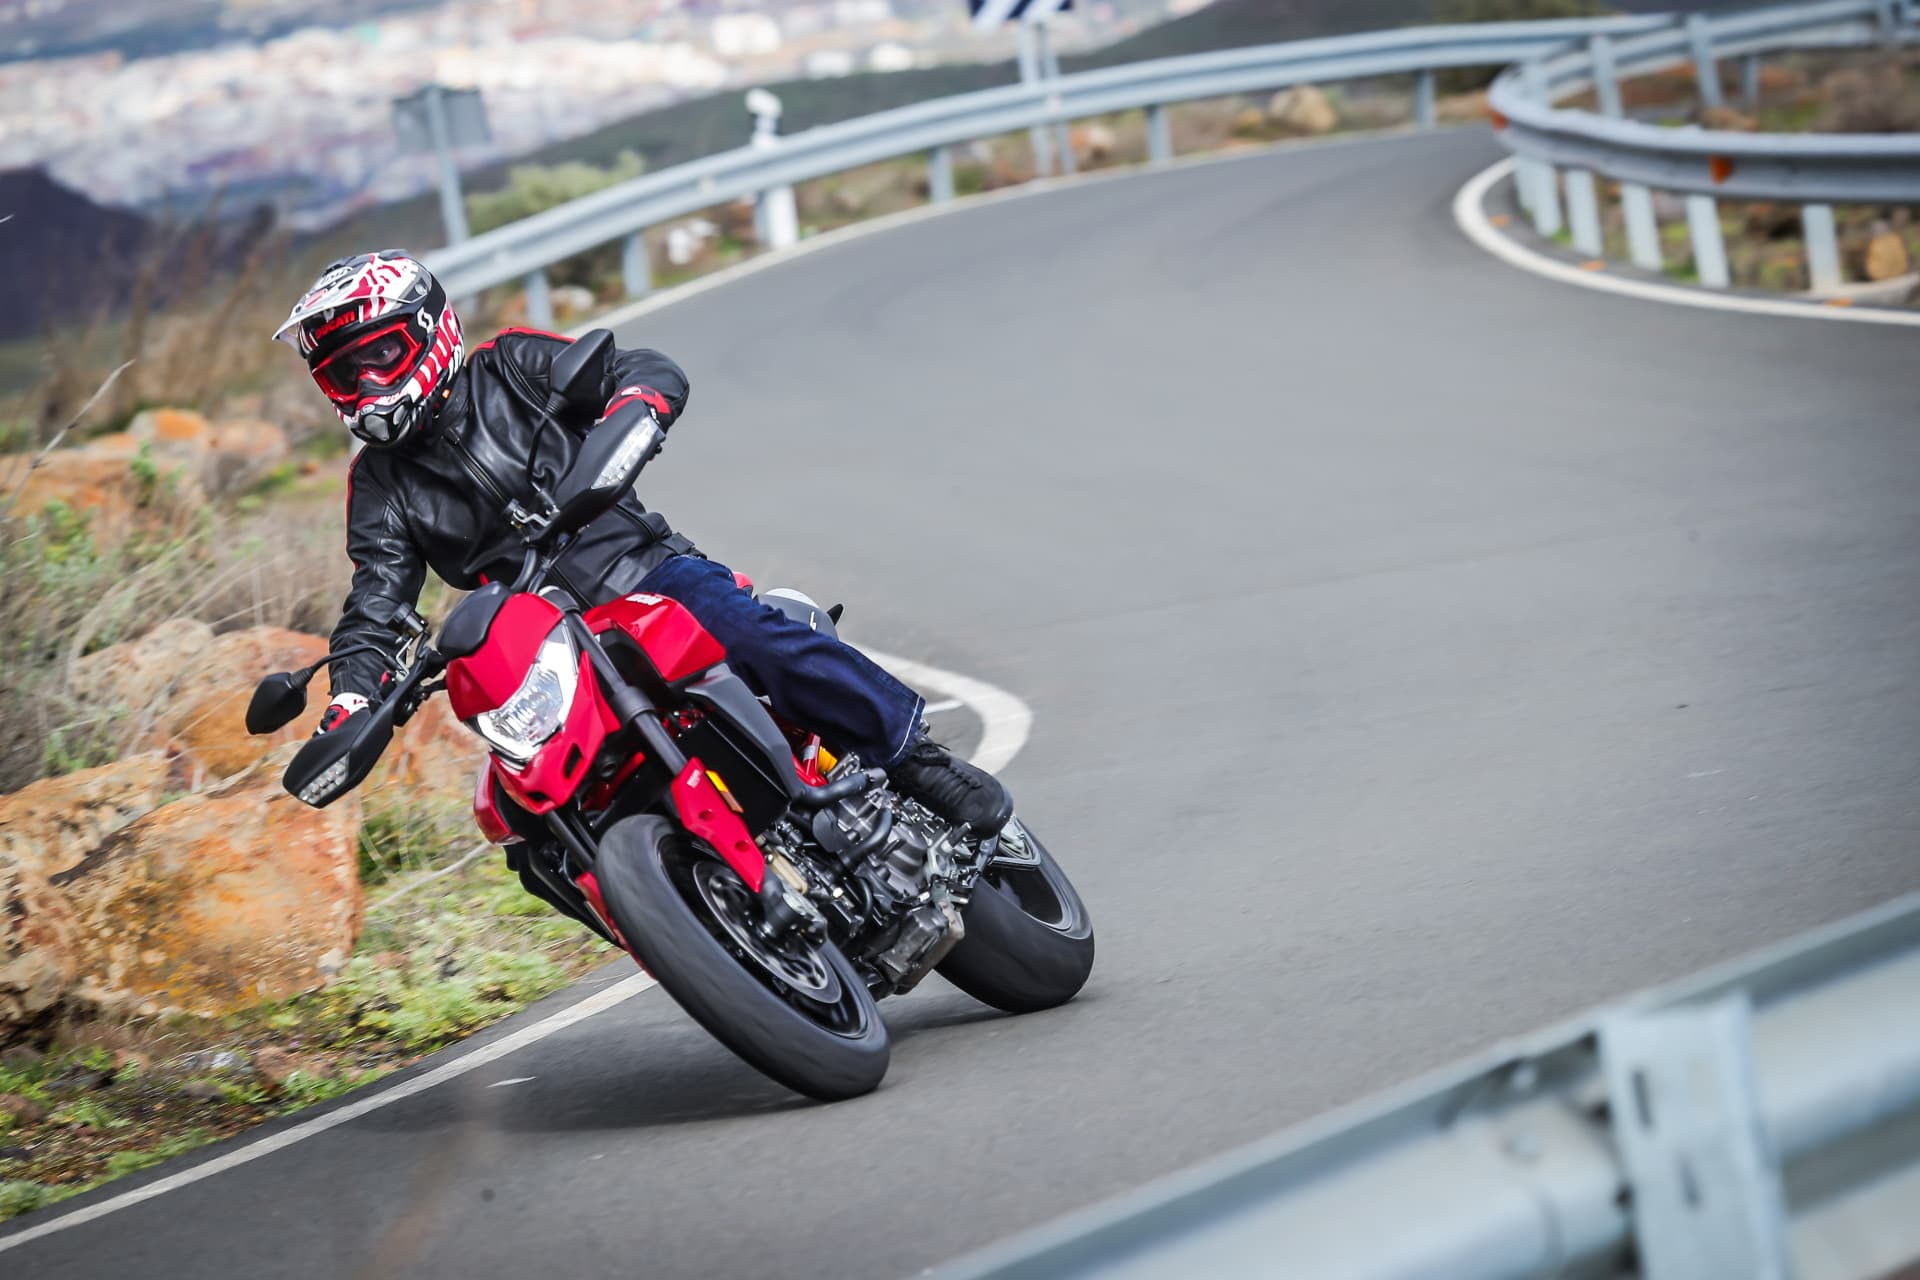 Ducati Hypermotard 950 Action 12 Uc70350 Mid